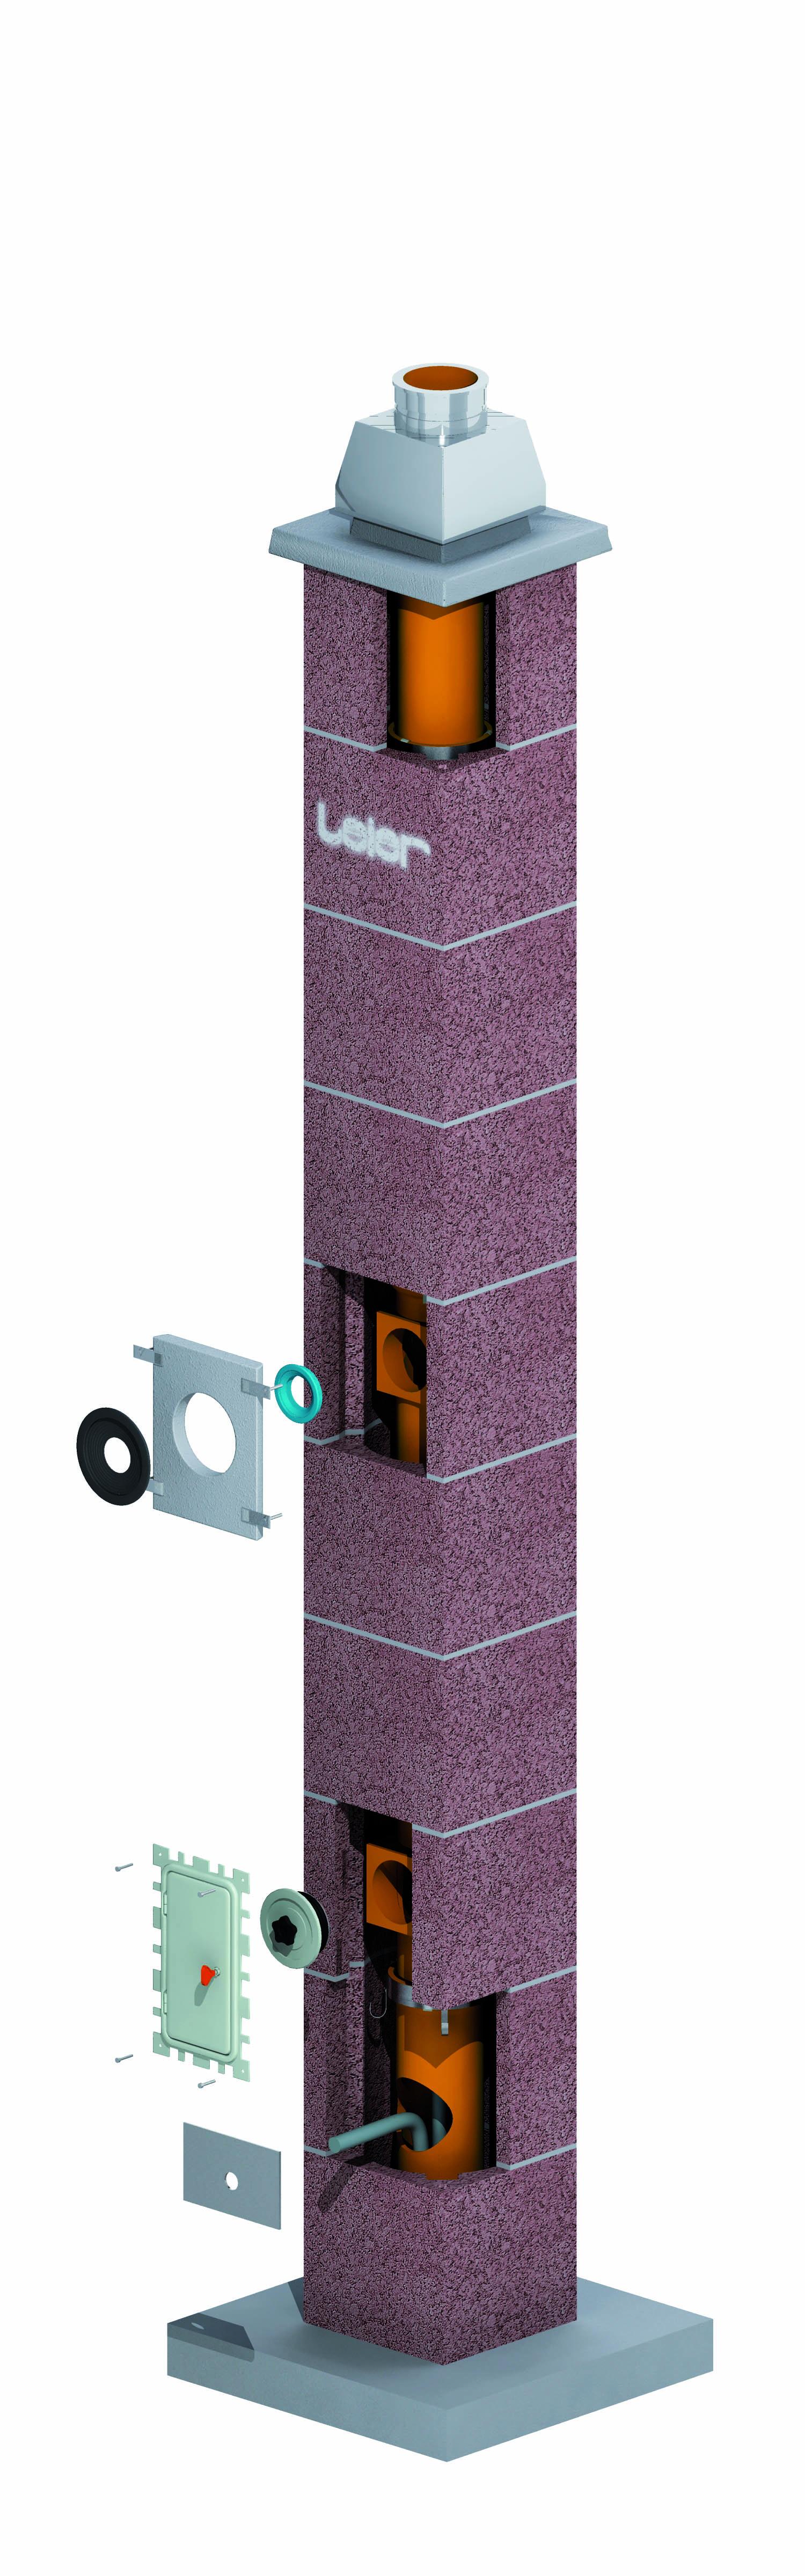 Cosurile de fum Leier pentru eficienta energetica - Cosurile de fum Leier pentru eficienta energetica